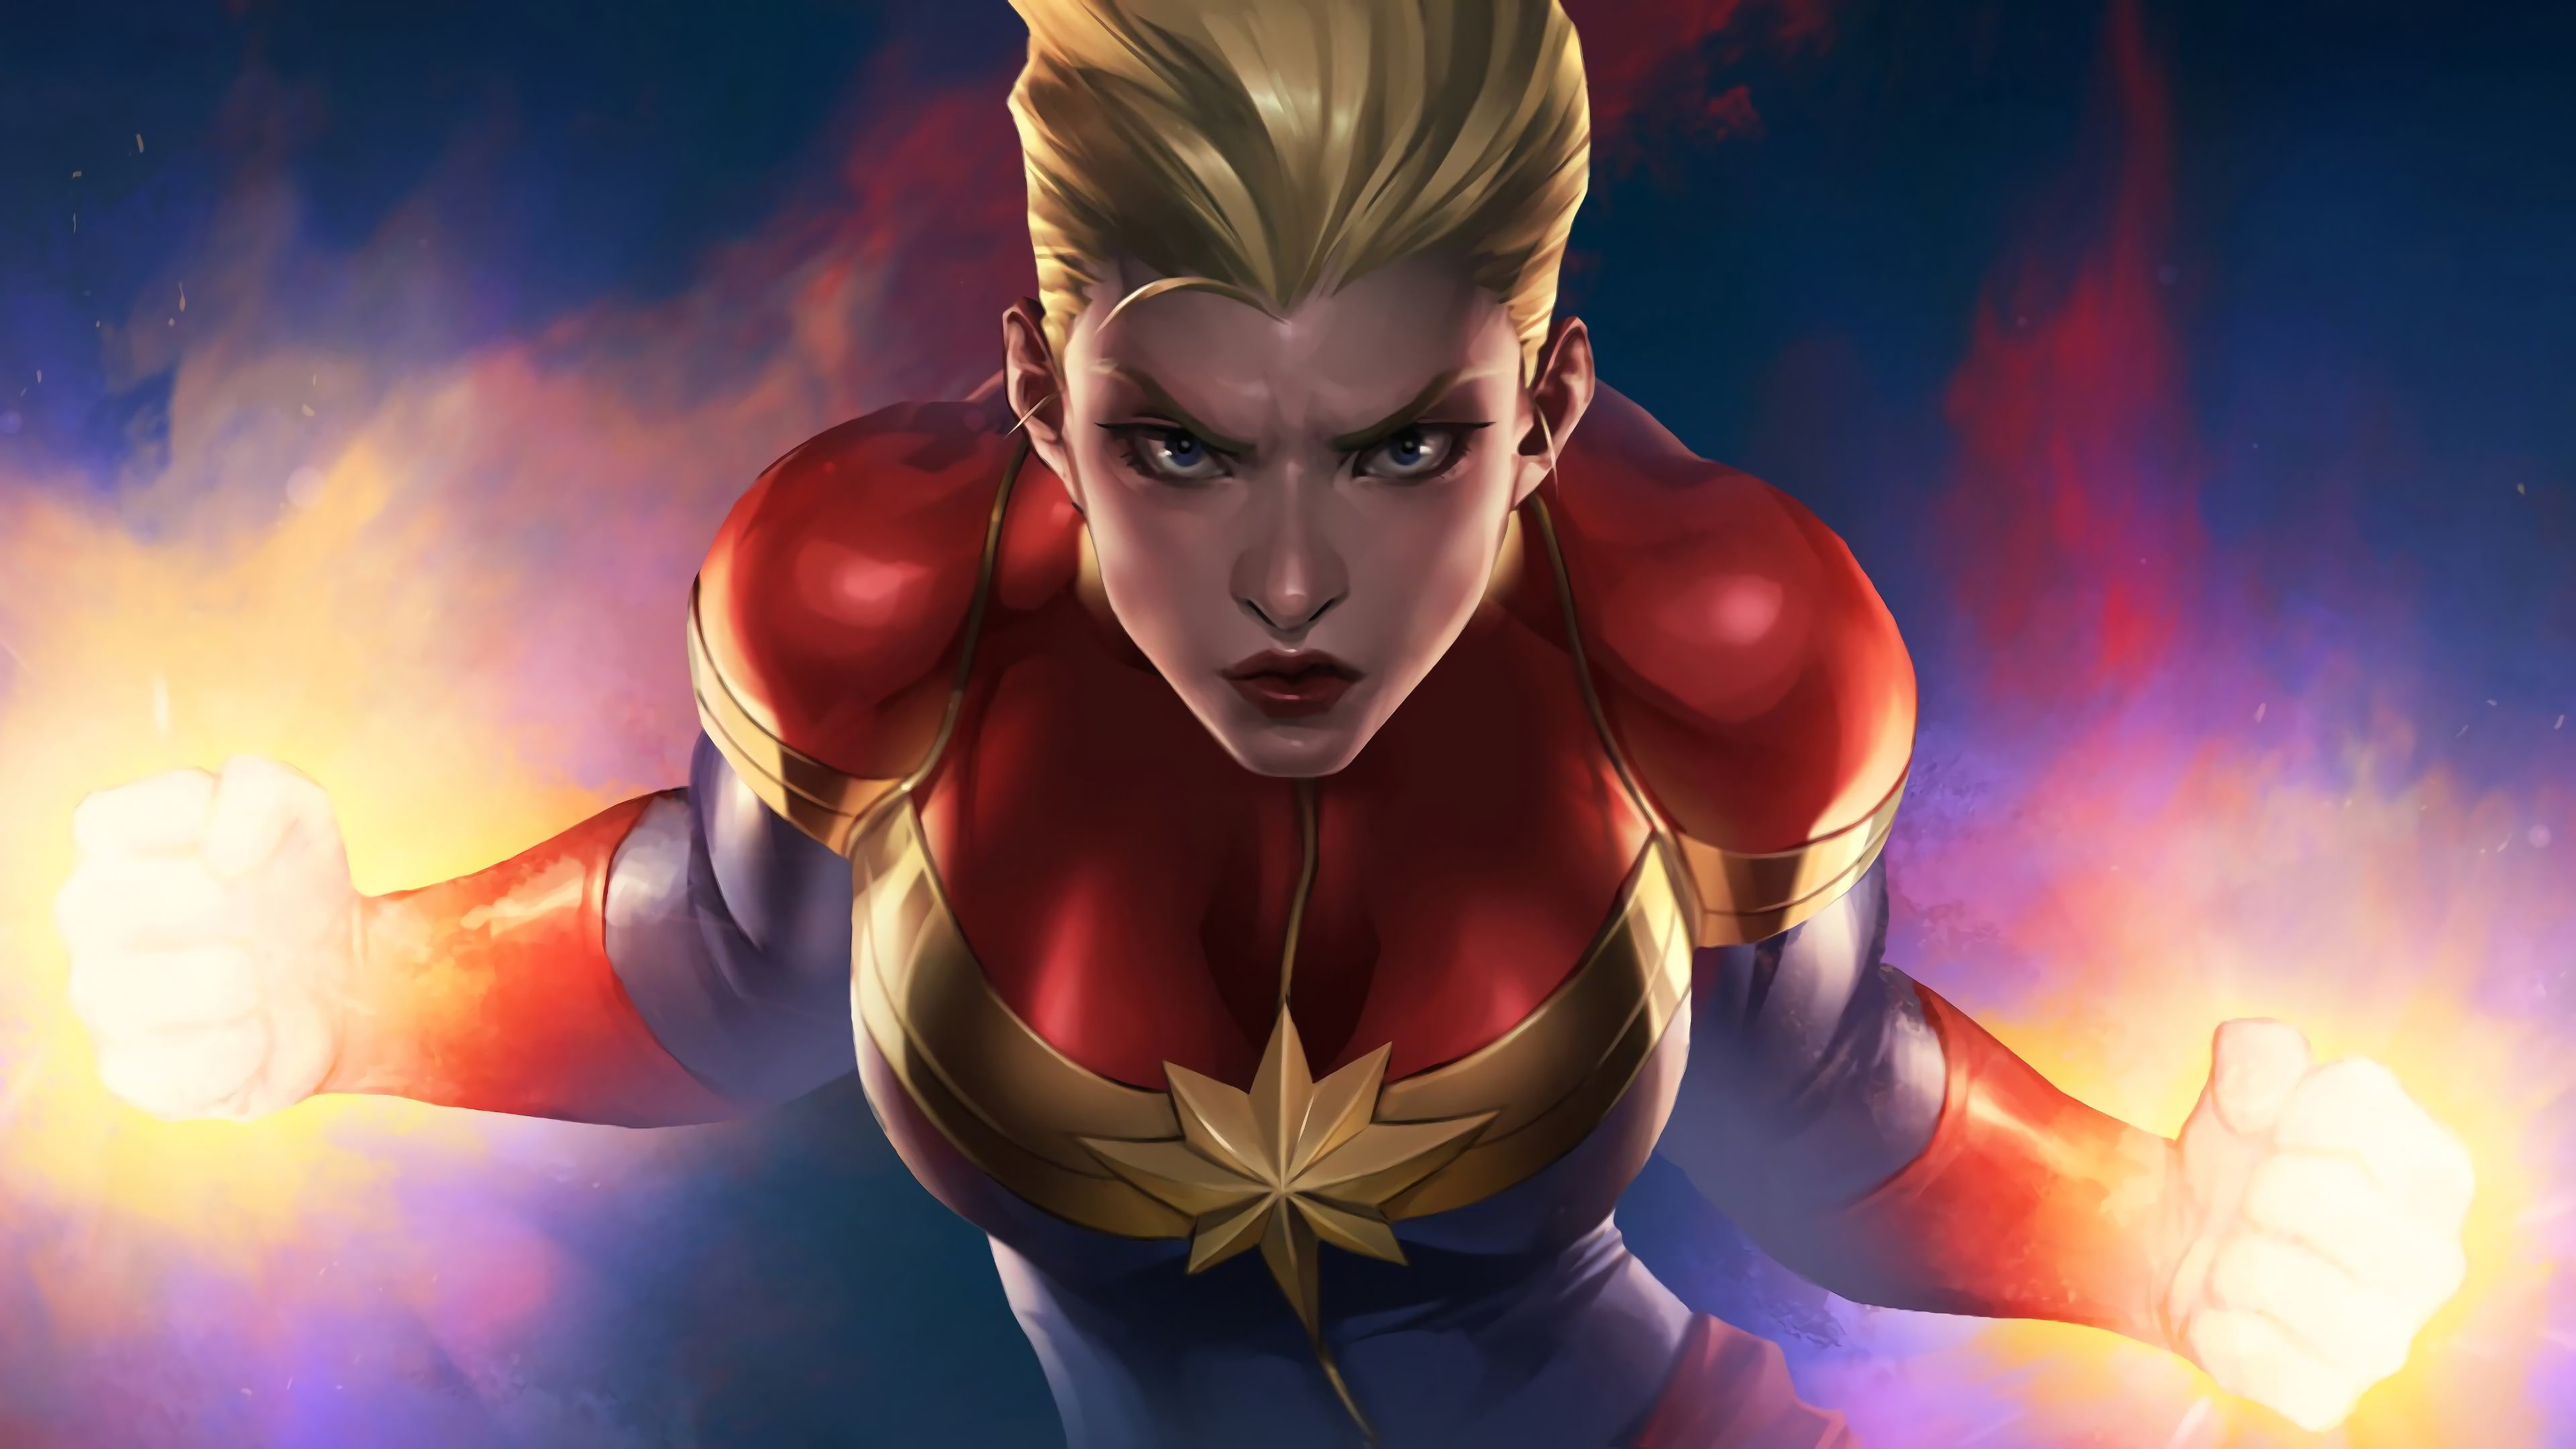 captain marvel marvel comics 4k wallpaper 1544829429 - Captain Marvel Marvel Comics 4K Wallpaper - Marvel Comics, Comics, Captain Marvel (Carol Danvers)